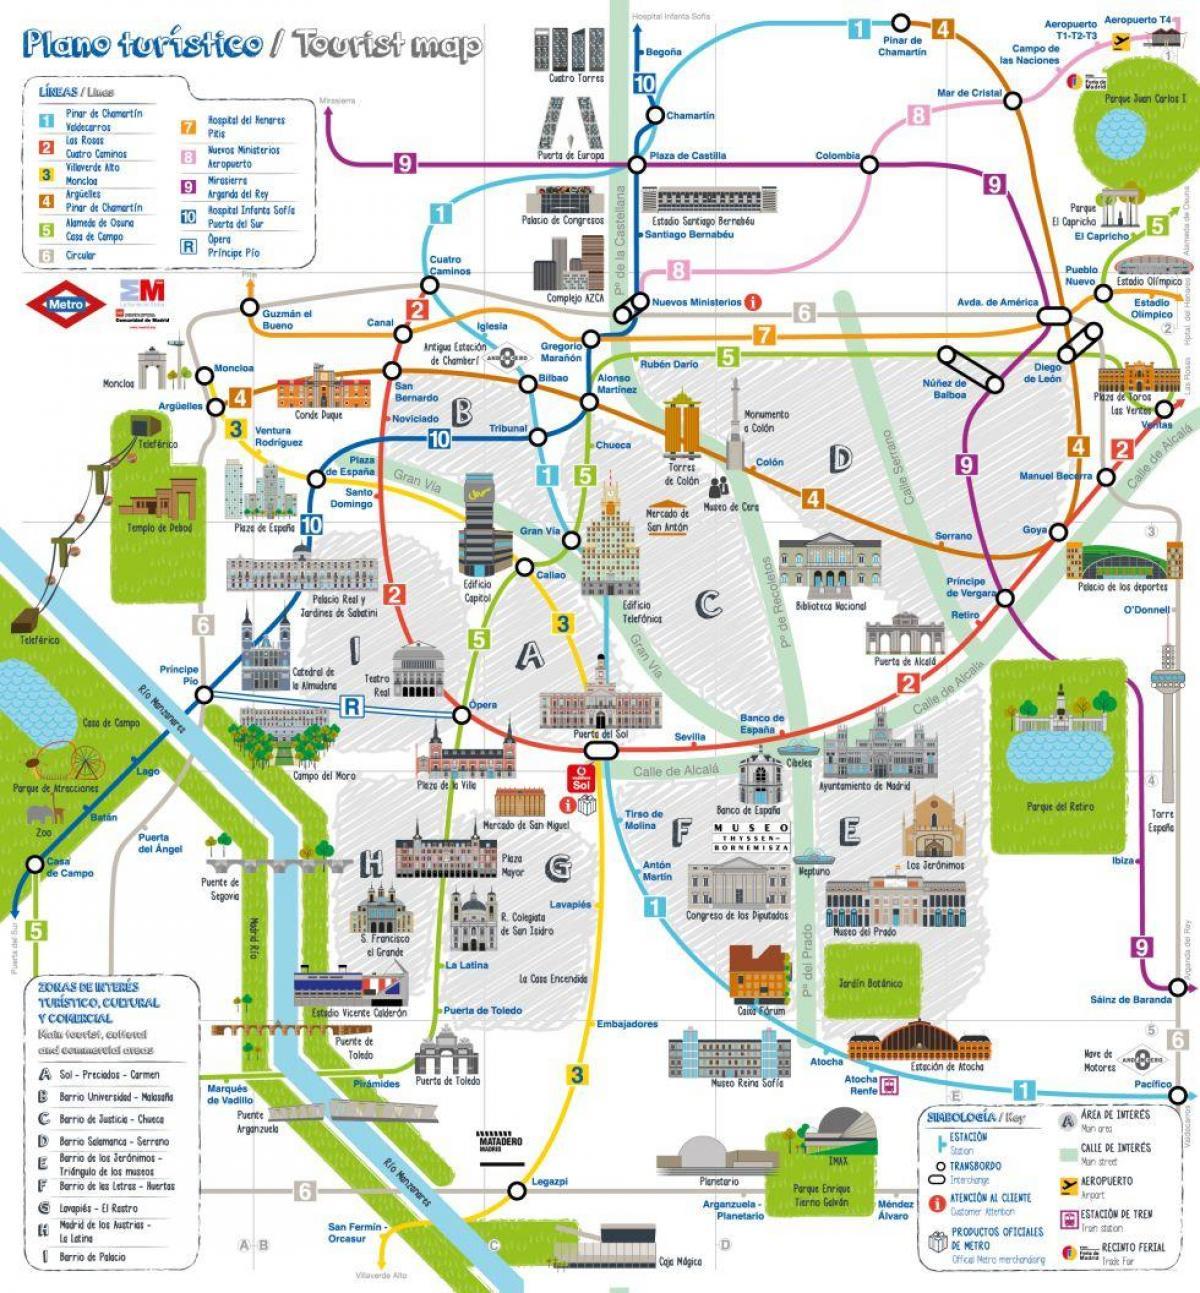 Cartina Turistica Spagna.Madrid Mappa Della Citta Mappa Turistica Di Madrid Spagna